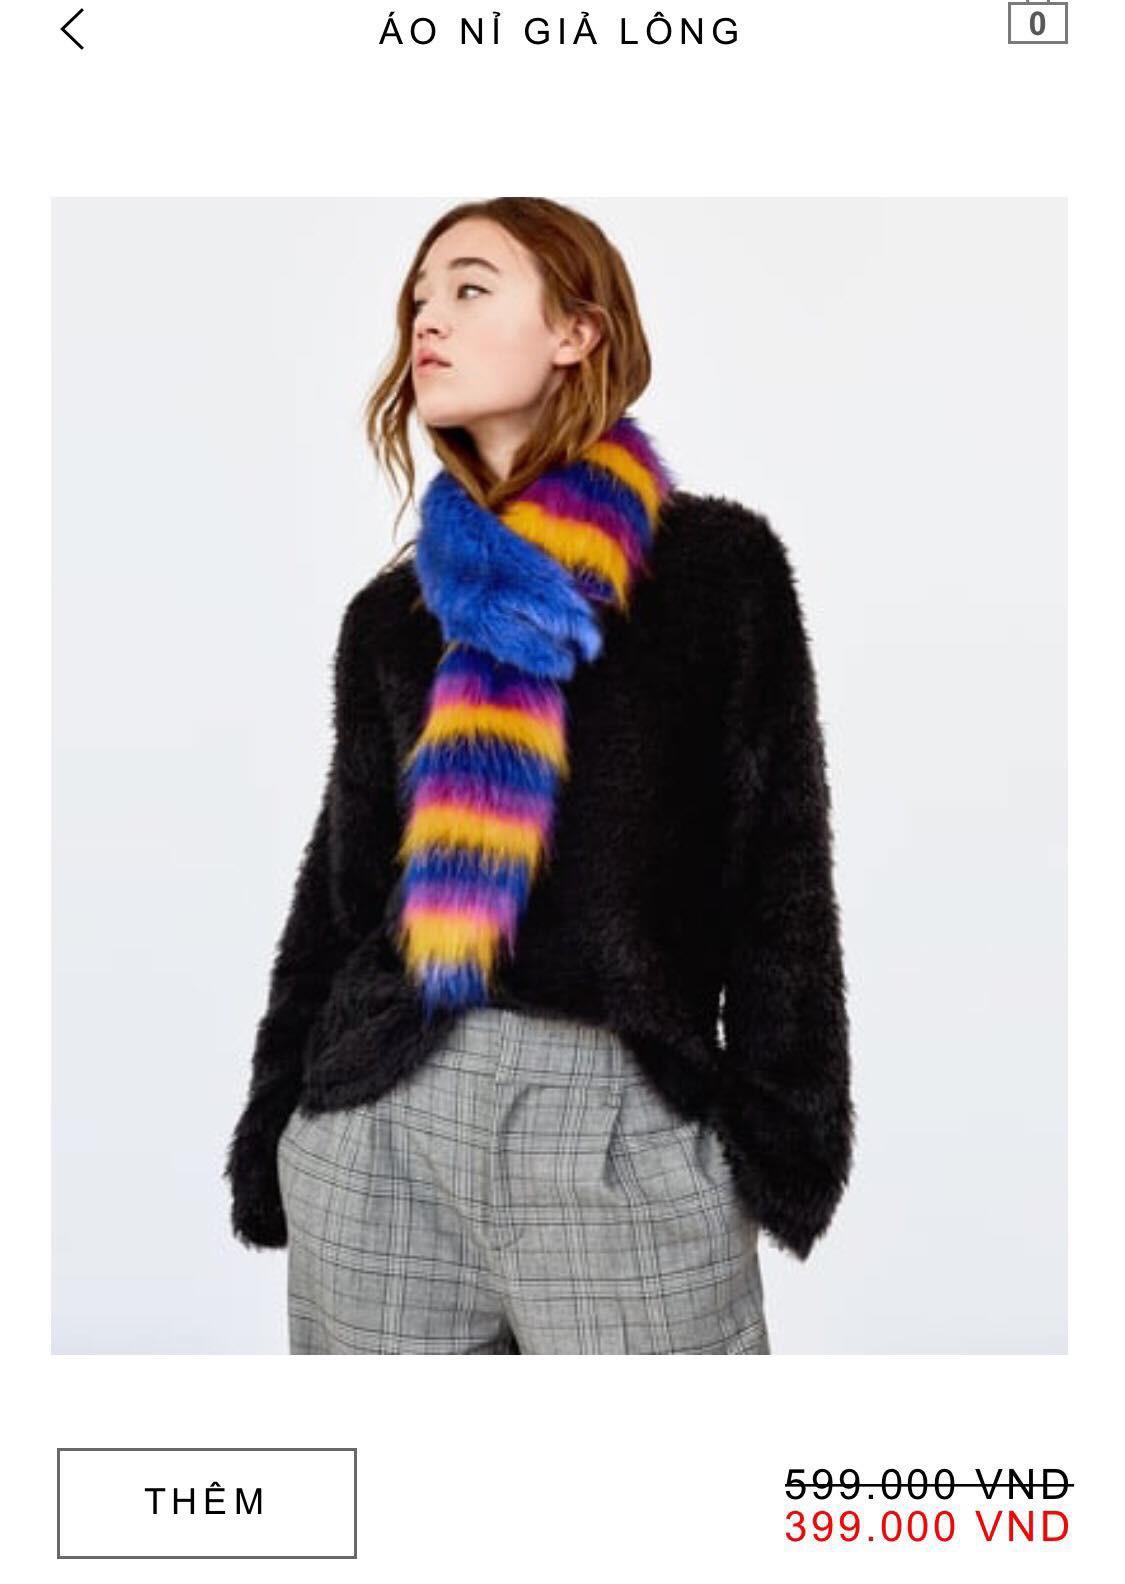 14 mẫu áo len, áo nỉ dưới 500.000 VNĐ xinh xắn, trendy đáng sắm nhất đợt sale này của Zara - Ảnh 10.